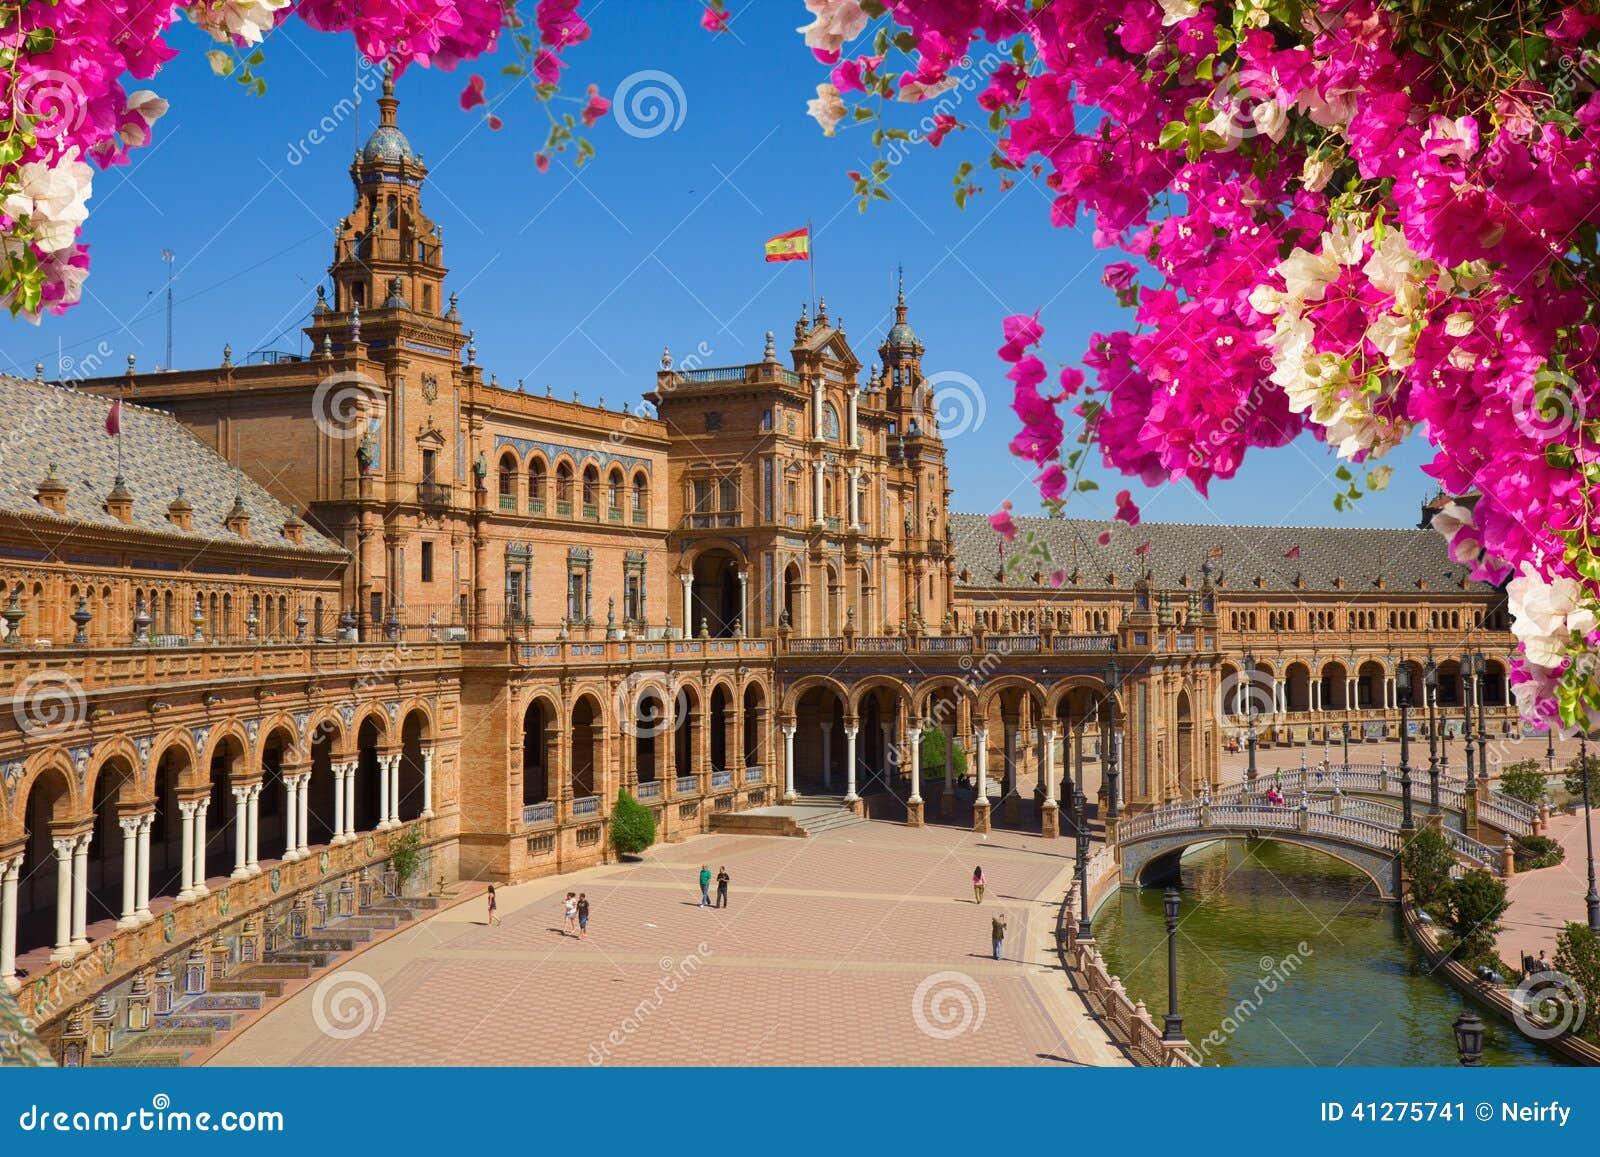 Quadrato di Famouse della Spagna in Siviglia, Spagna